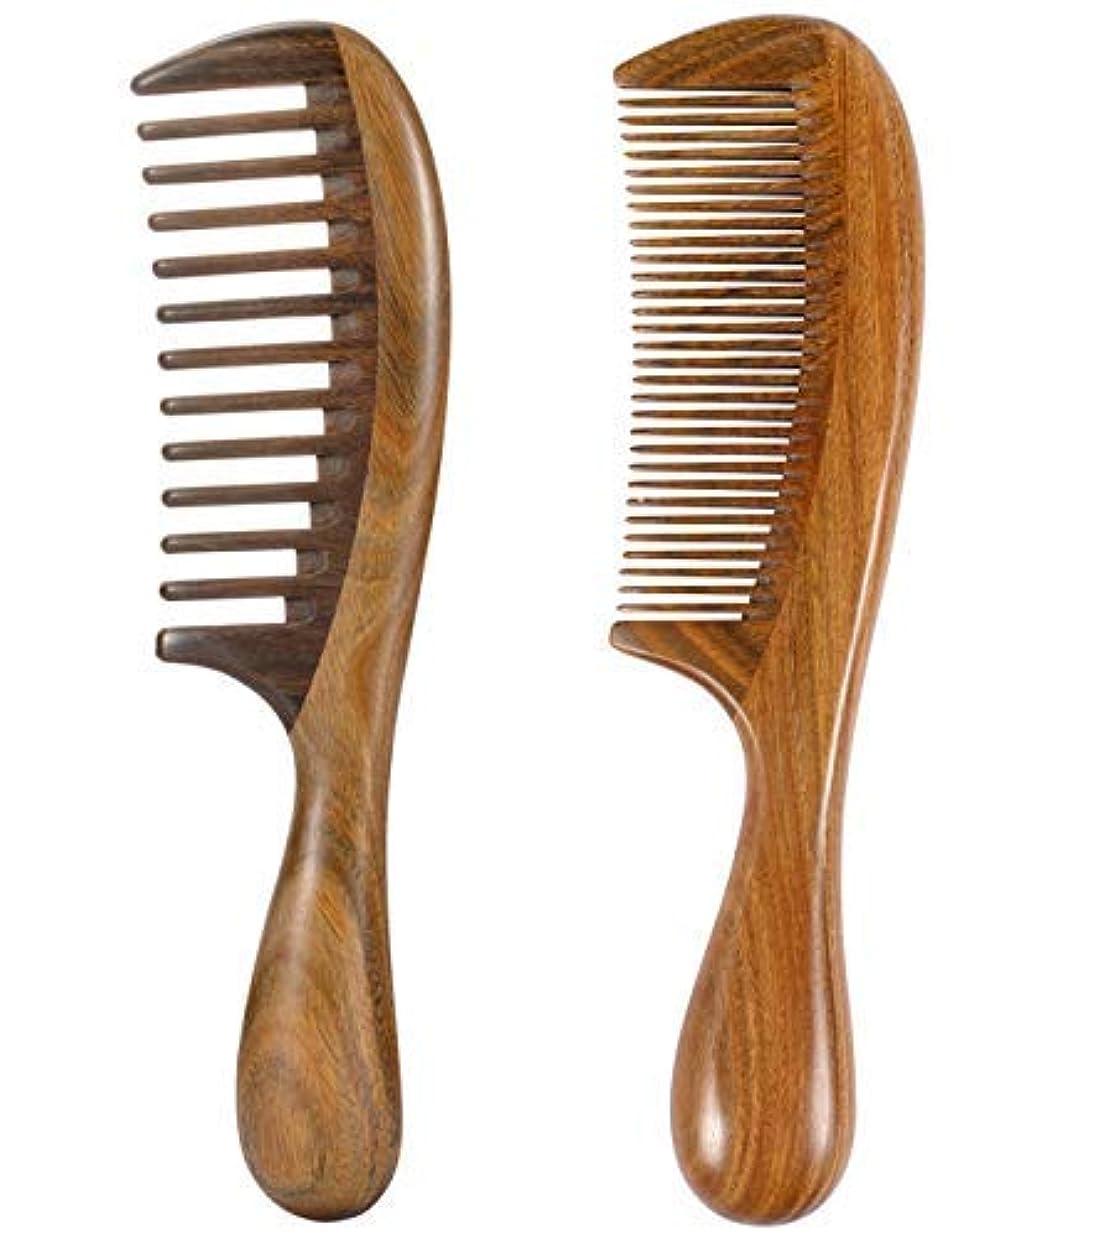 無視するエレベーター倍率iPang 2pcs Wooden Hair Comb Wide Tooth Comb and Find Tooth Comb Detangling Sandalwood Comb [並行輸入品]